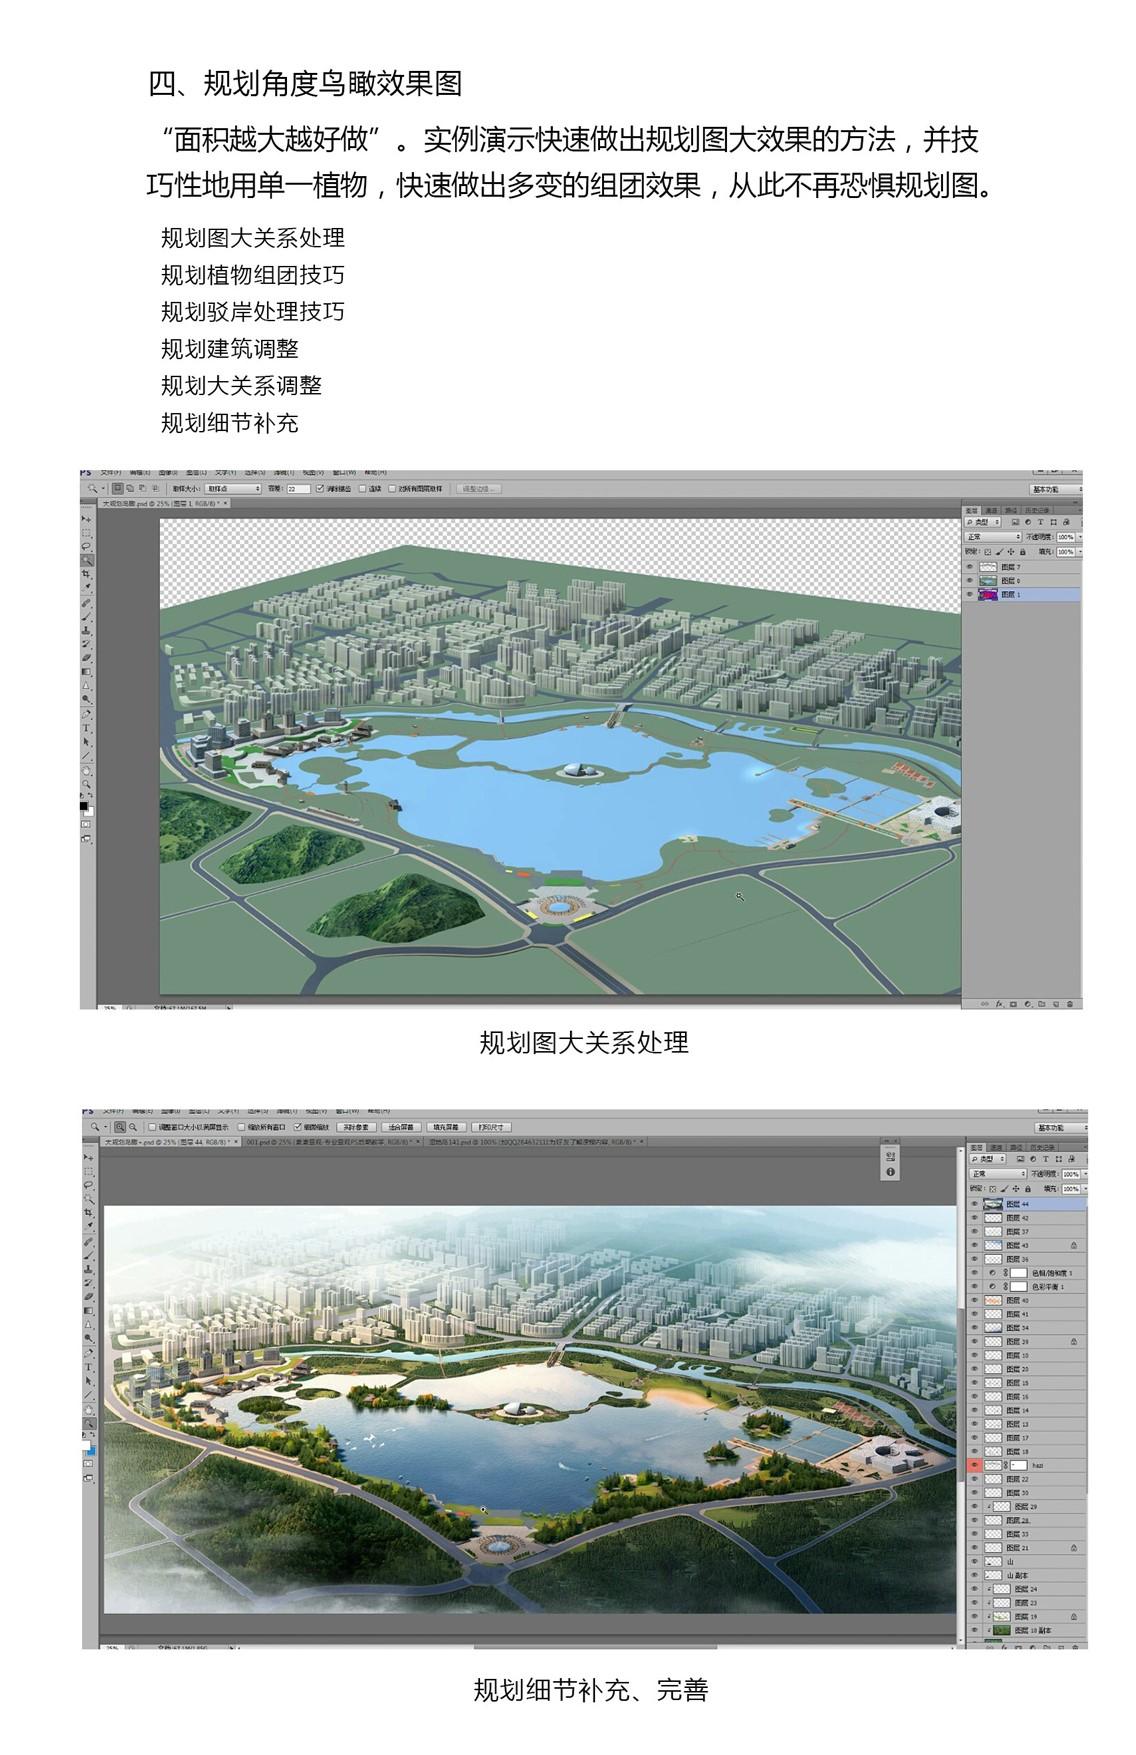 規劃角度,鳥瞰效果圖,Photoshop景觀效果圖,景觀效果圖表現,ps景觀效果圖